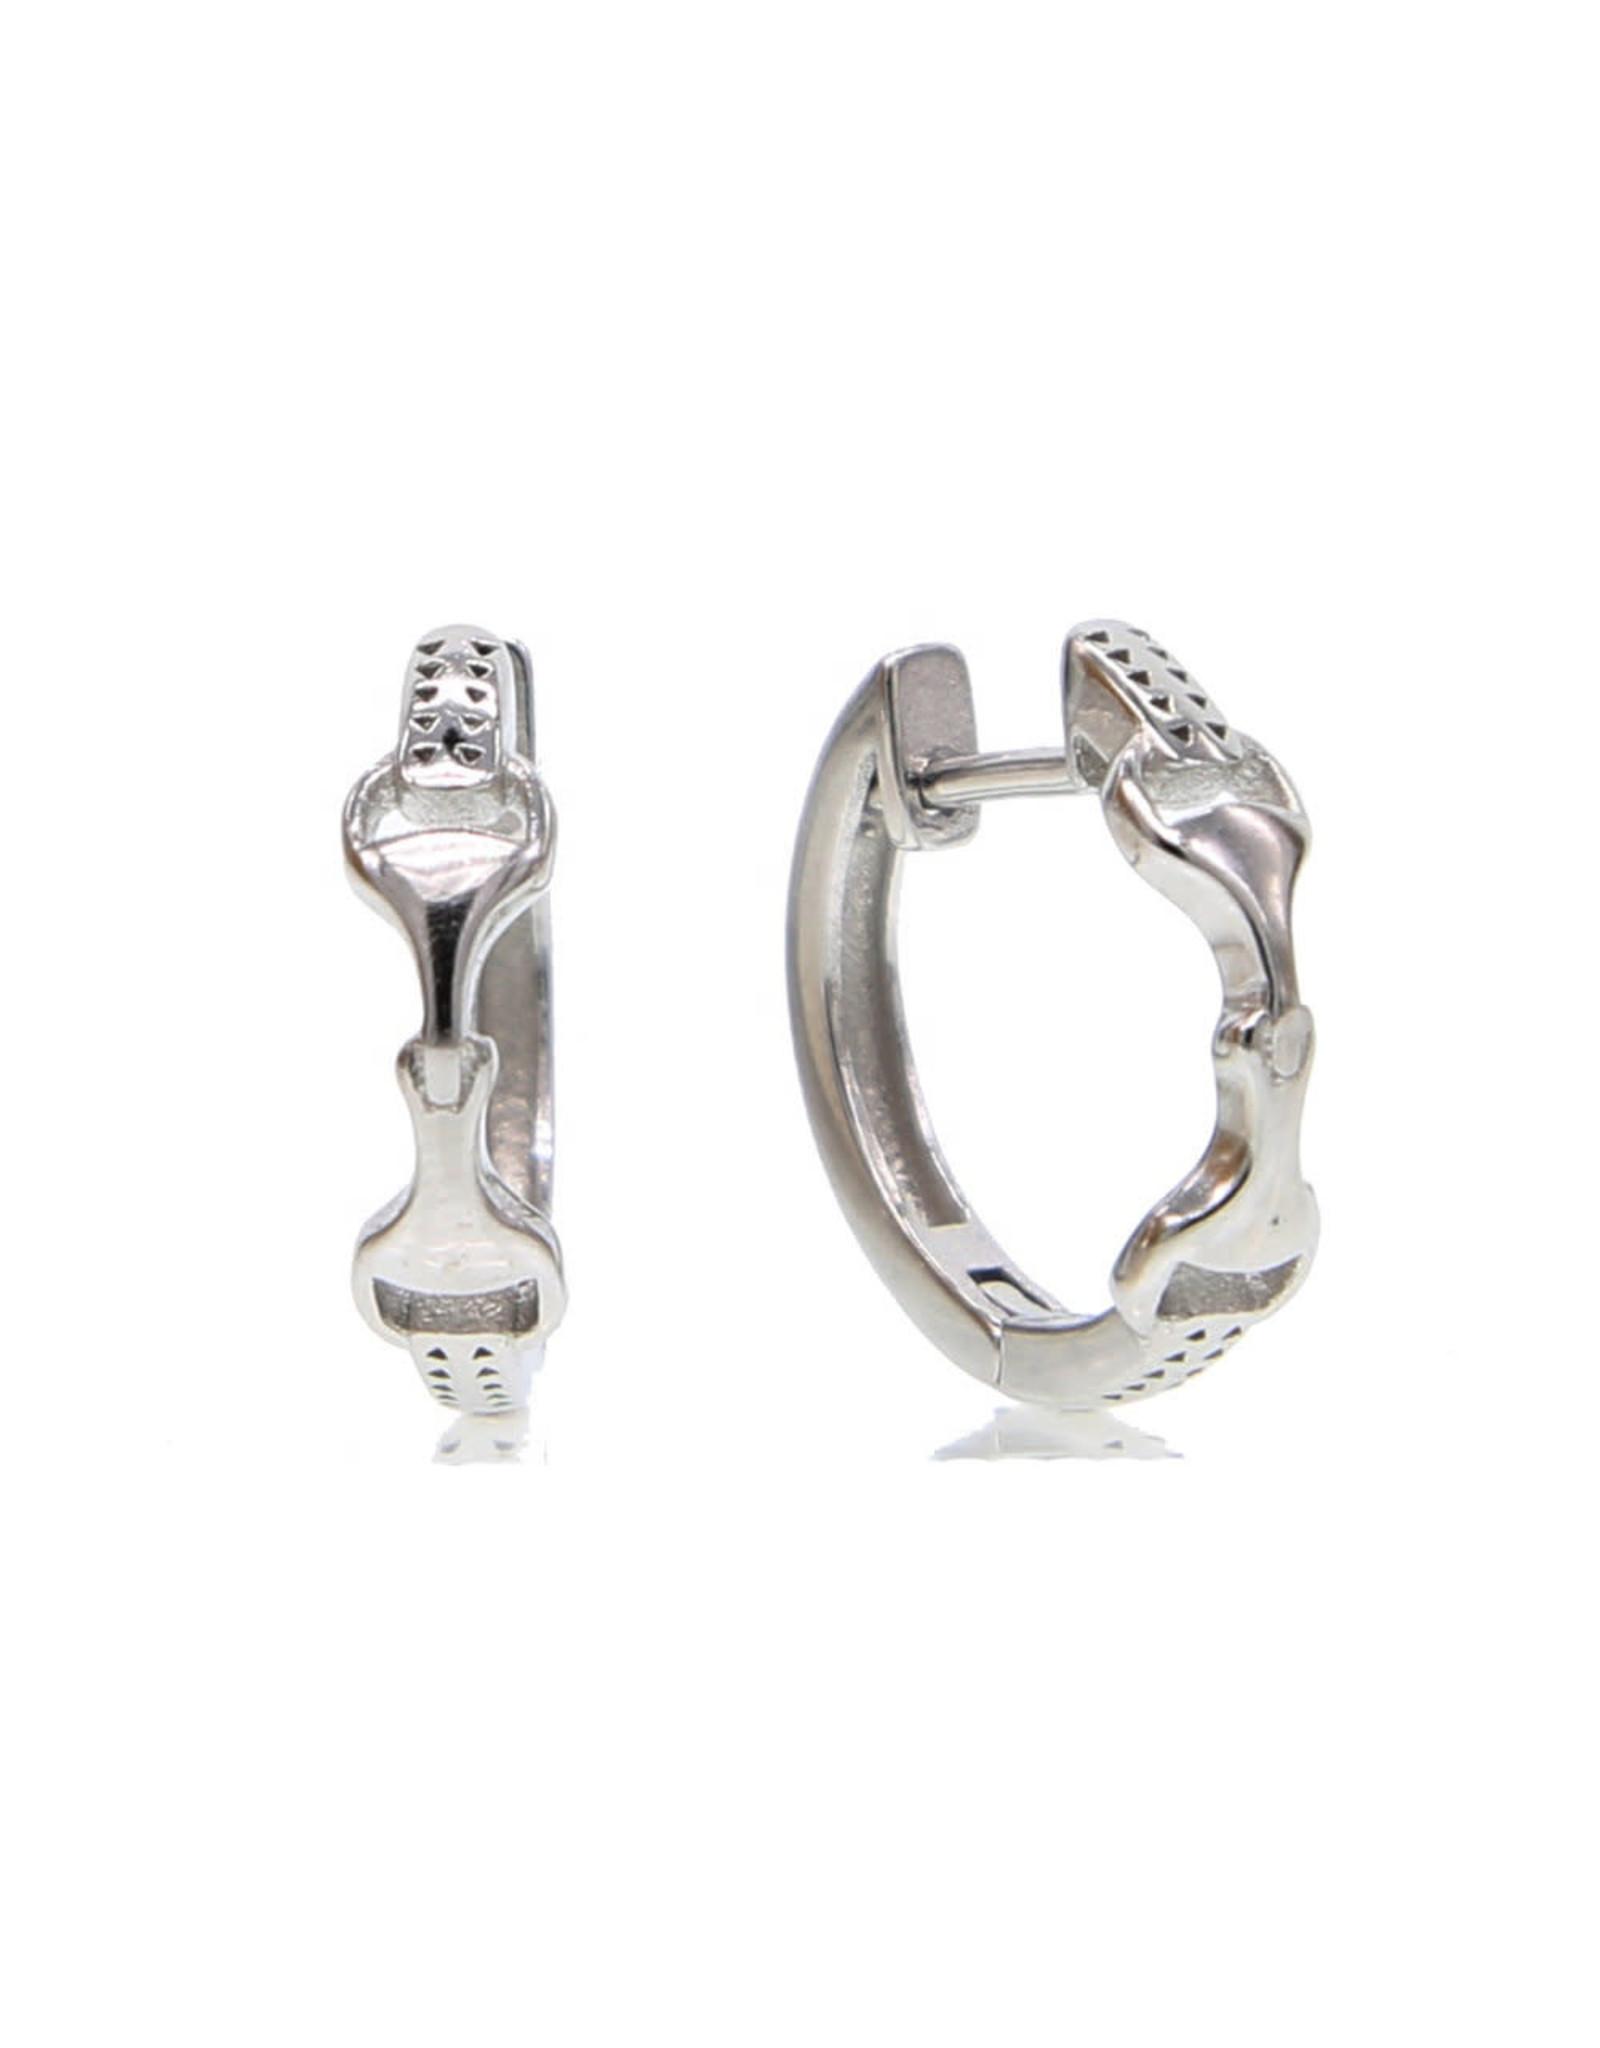 Earrings  Sterling Silver Snaffle Bit Hoop